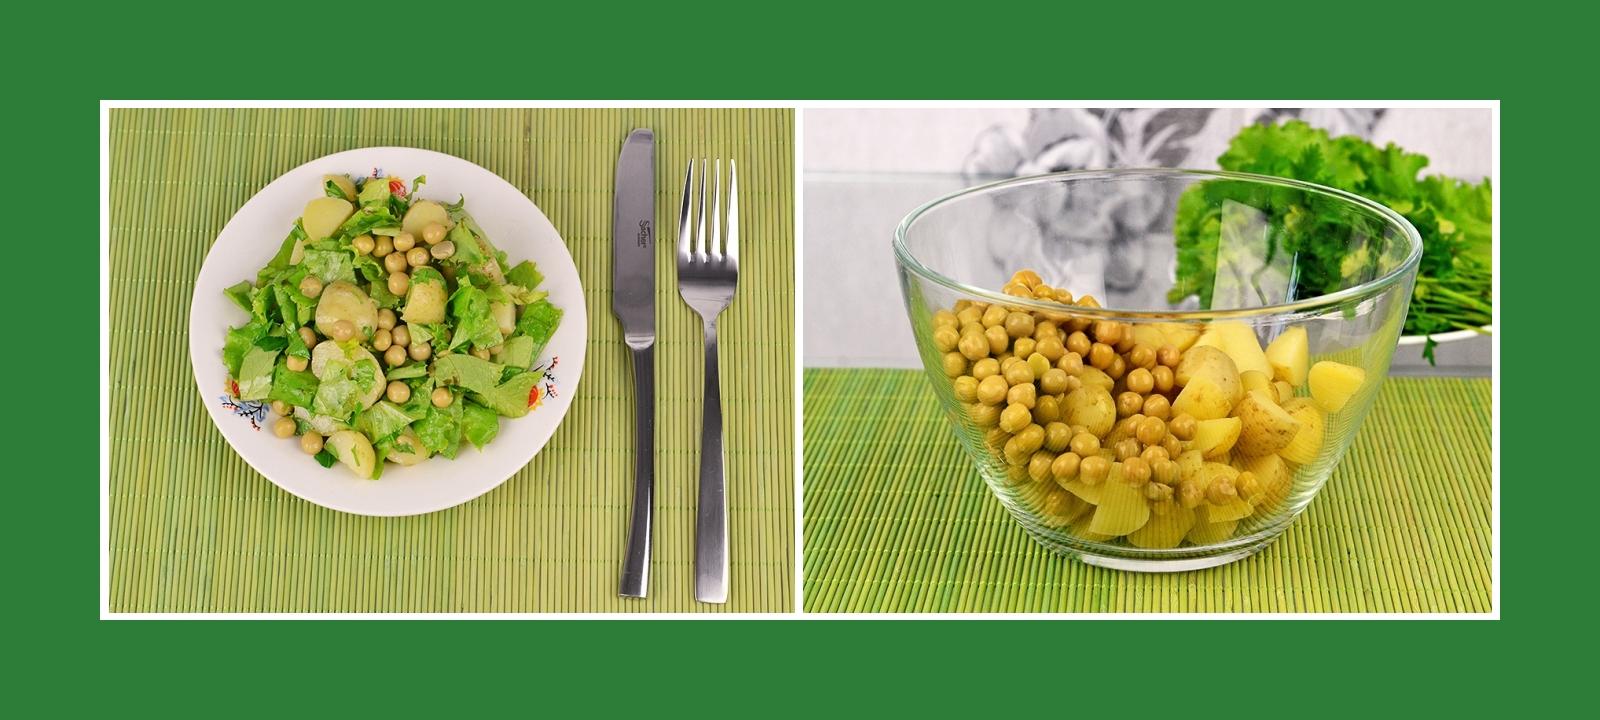 Konservierte Erbsen und Kartoffeln für Salat oder Beilage